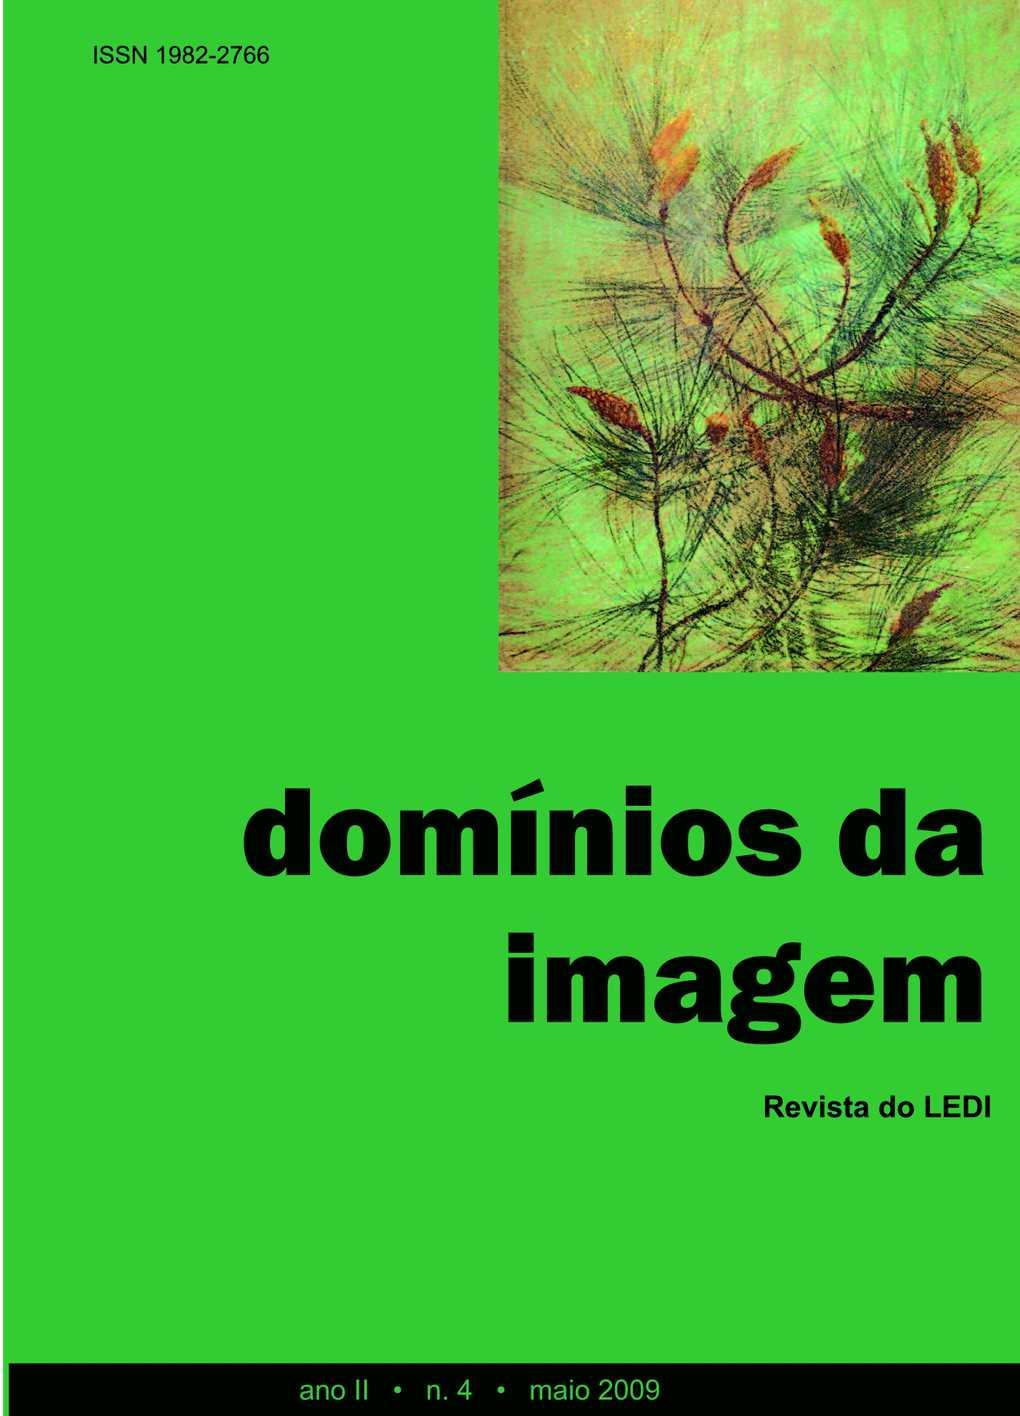 Calaméo - dominios da imagem 4 f9e72a0688